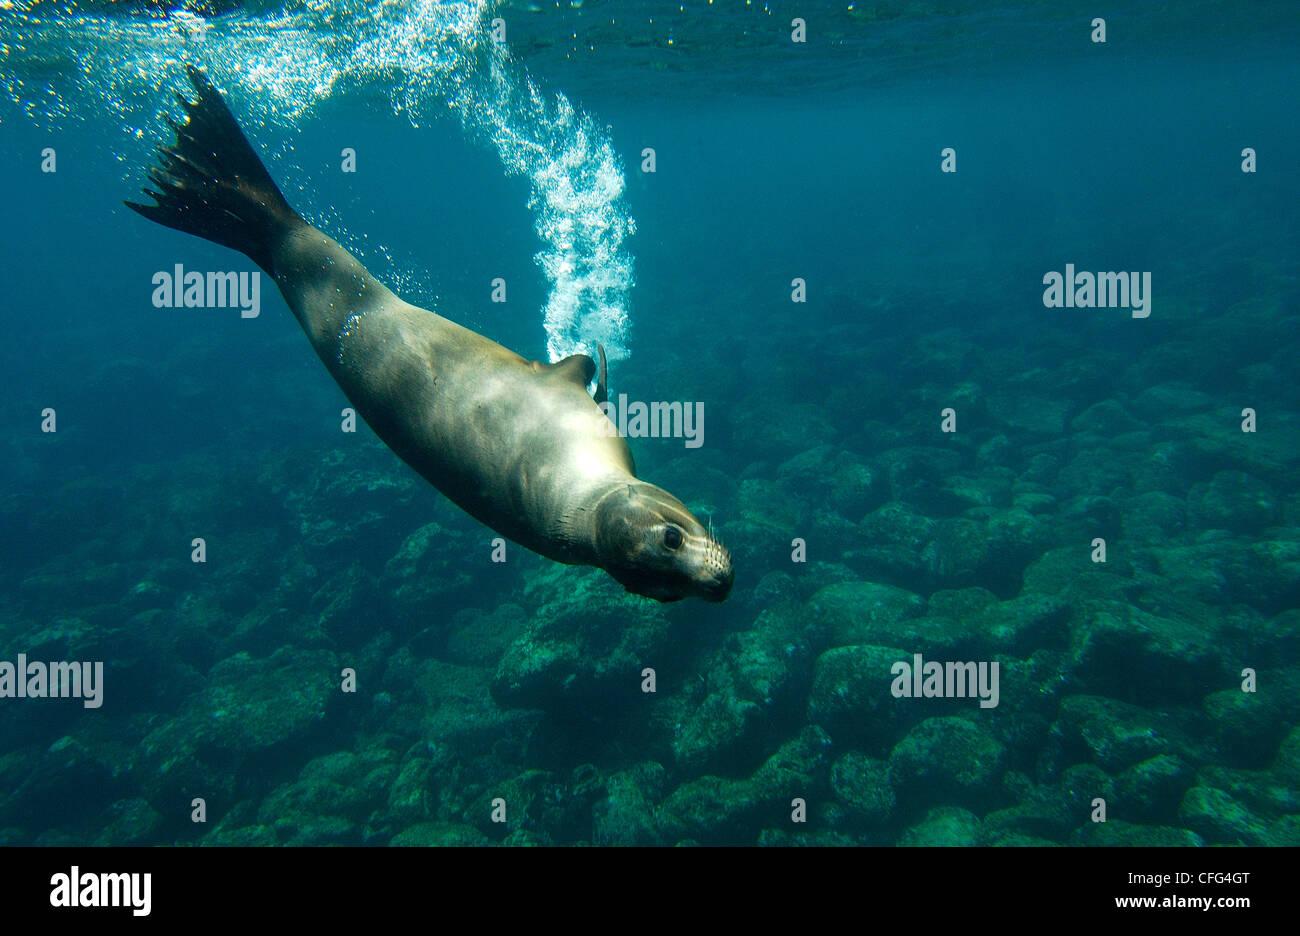 Le Galapagos sealion subacquea, Baia Gardner, Espanola (il cofano) isola, isole Galapagos, Ecuador, Sud America. Immagini Stock